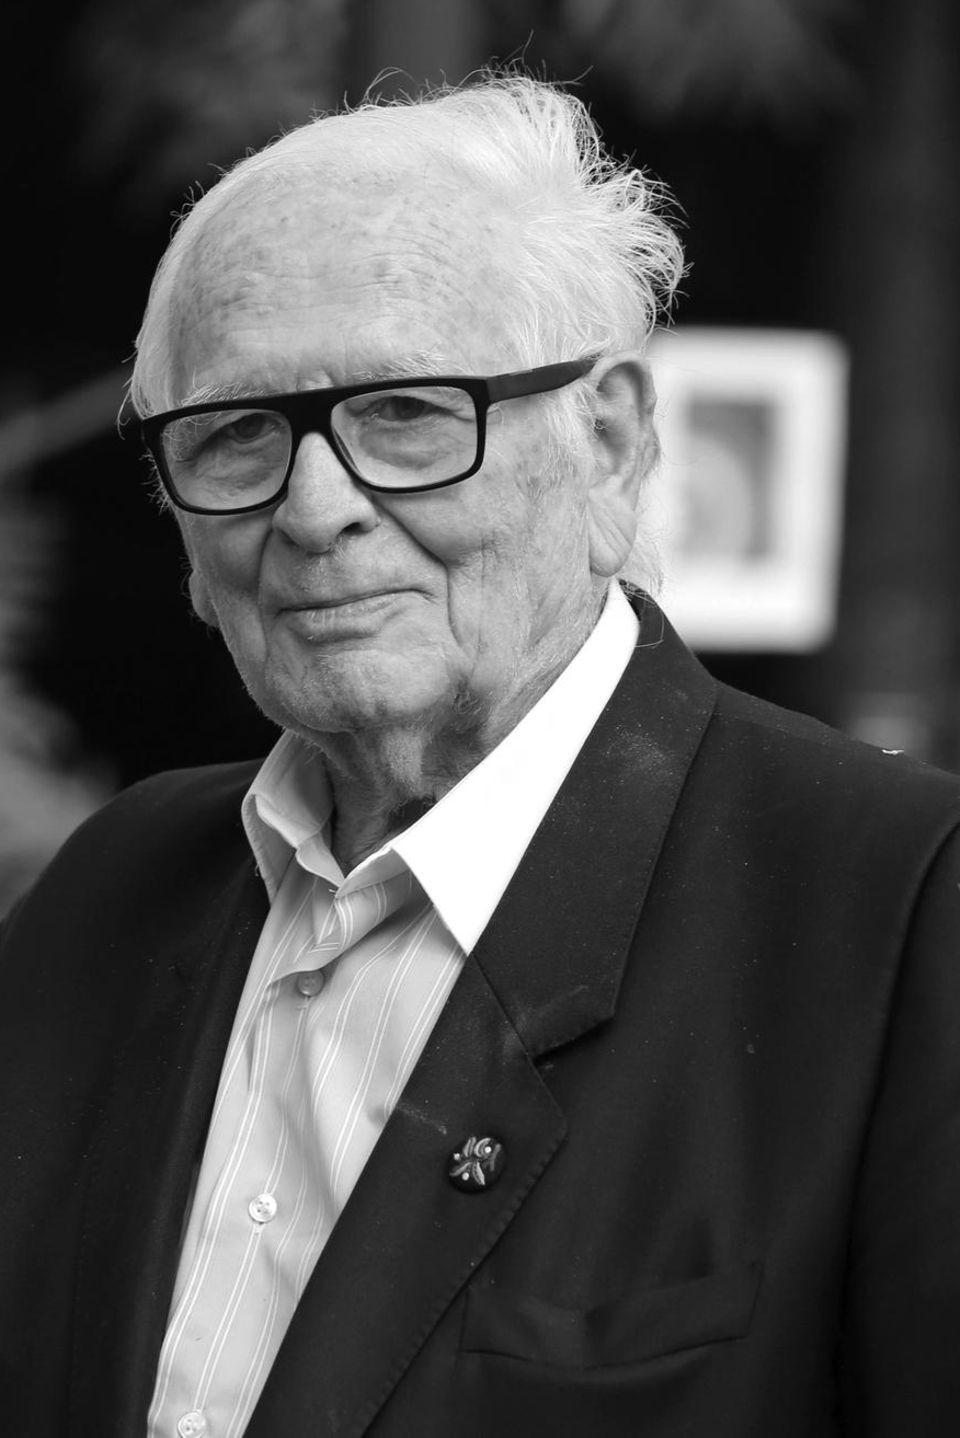 29. Dezember 2020: Pierre Cardin (98 Jahre)  Der französische Modeschöpfer Pierre Cardin ist im Altervon 98 Jahren in einem Krankenhaus nahe Paris verstorben. Das teilt seine Familie der Nachrichtenagentur AFP mit. Sein eigenes Modehaus hat der visionäre Designer bereits 1950 gegründet und ein weltweit erfolgreiches Unternehmen aufgebaut. Cardin galt als Pionier der Prêt-à-porter-Mode und hat als erster seiner Branche Mode für die Masse entworfen.